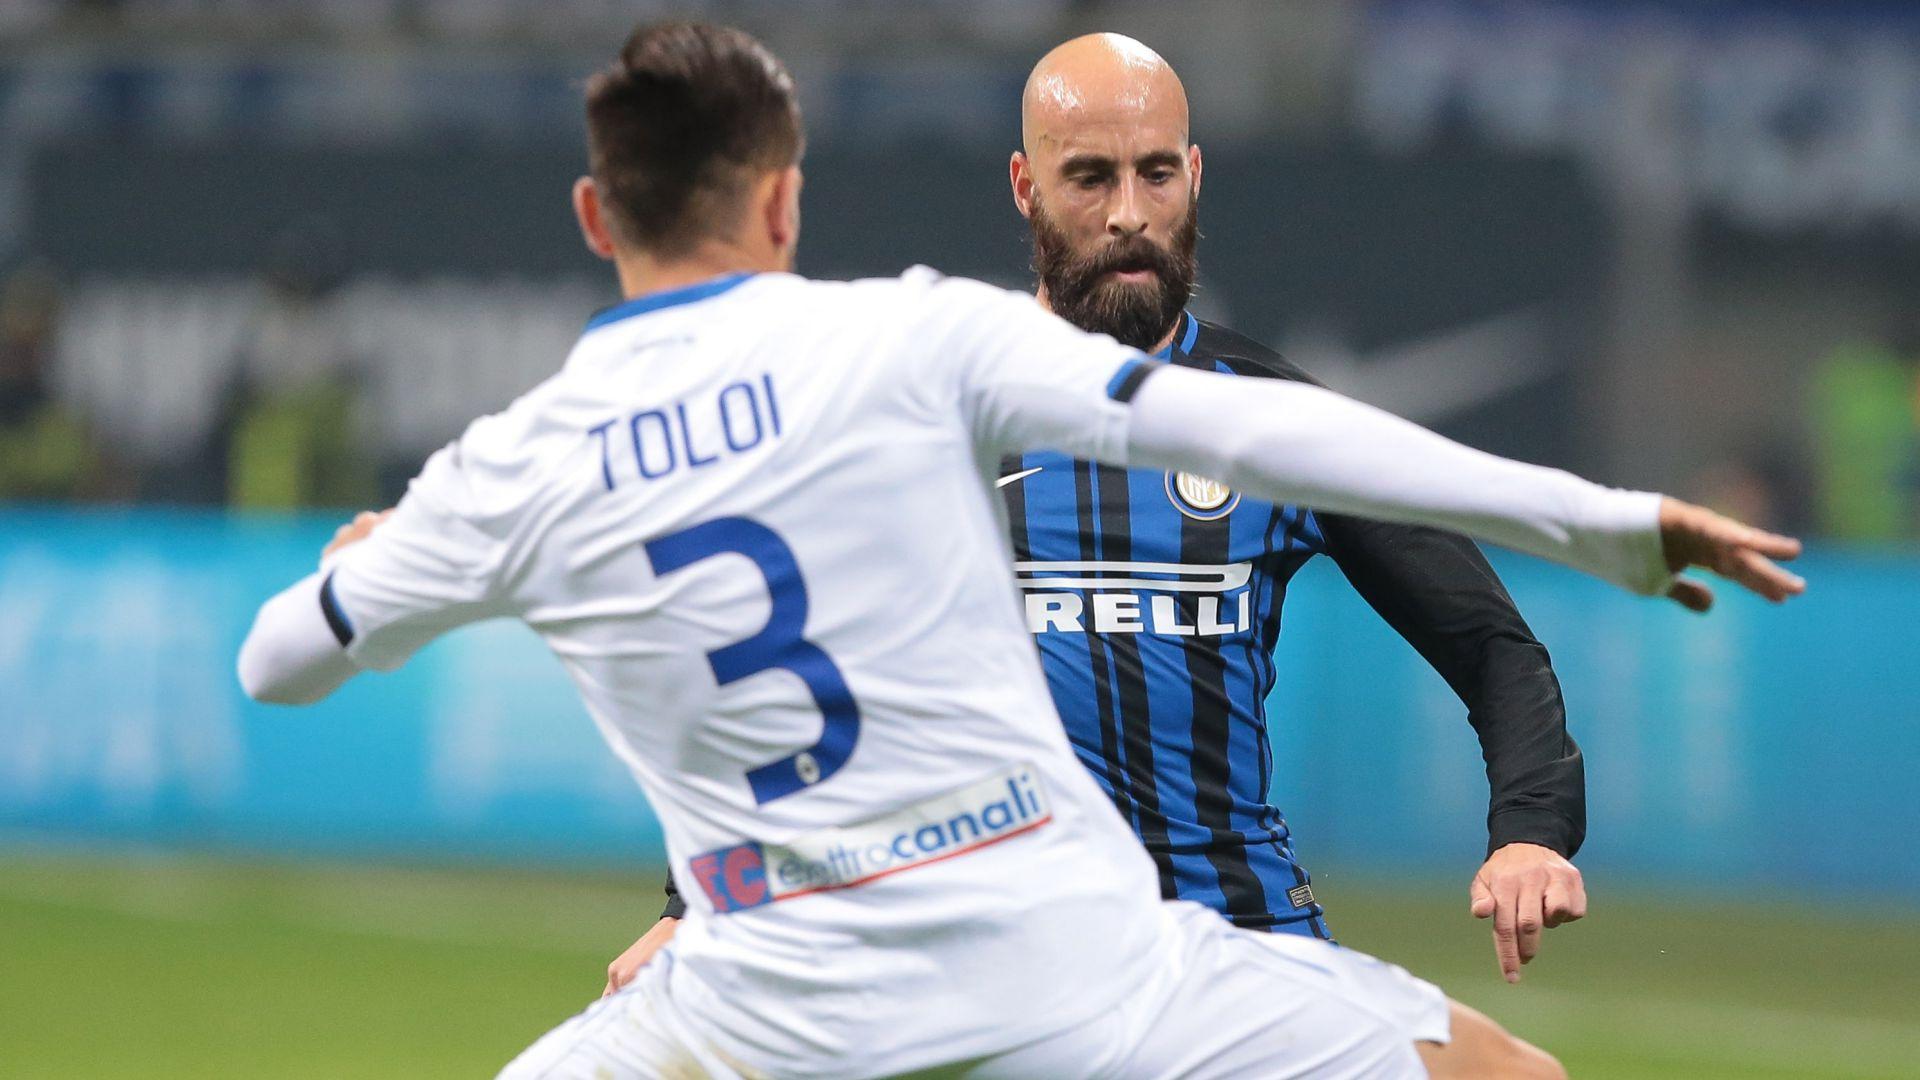 Borja Valero Rafael Toloi Inter Atalanta